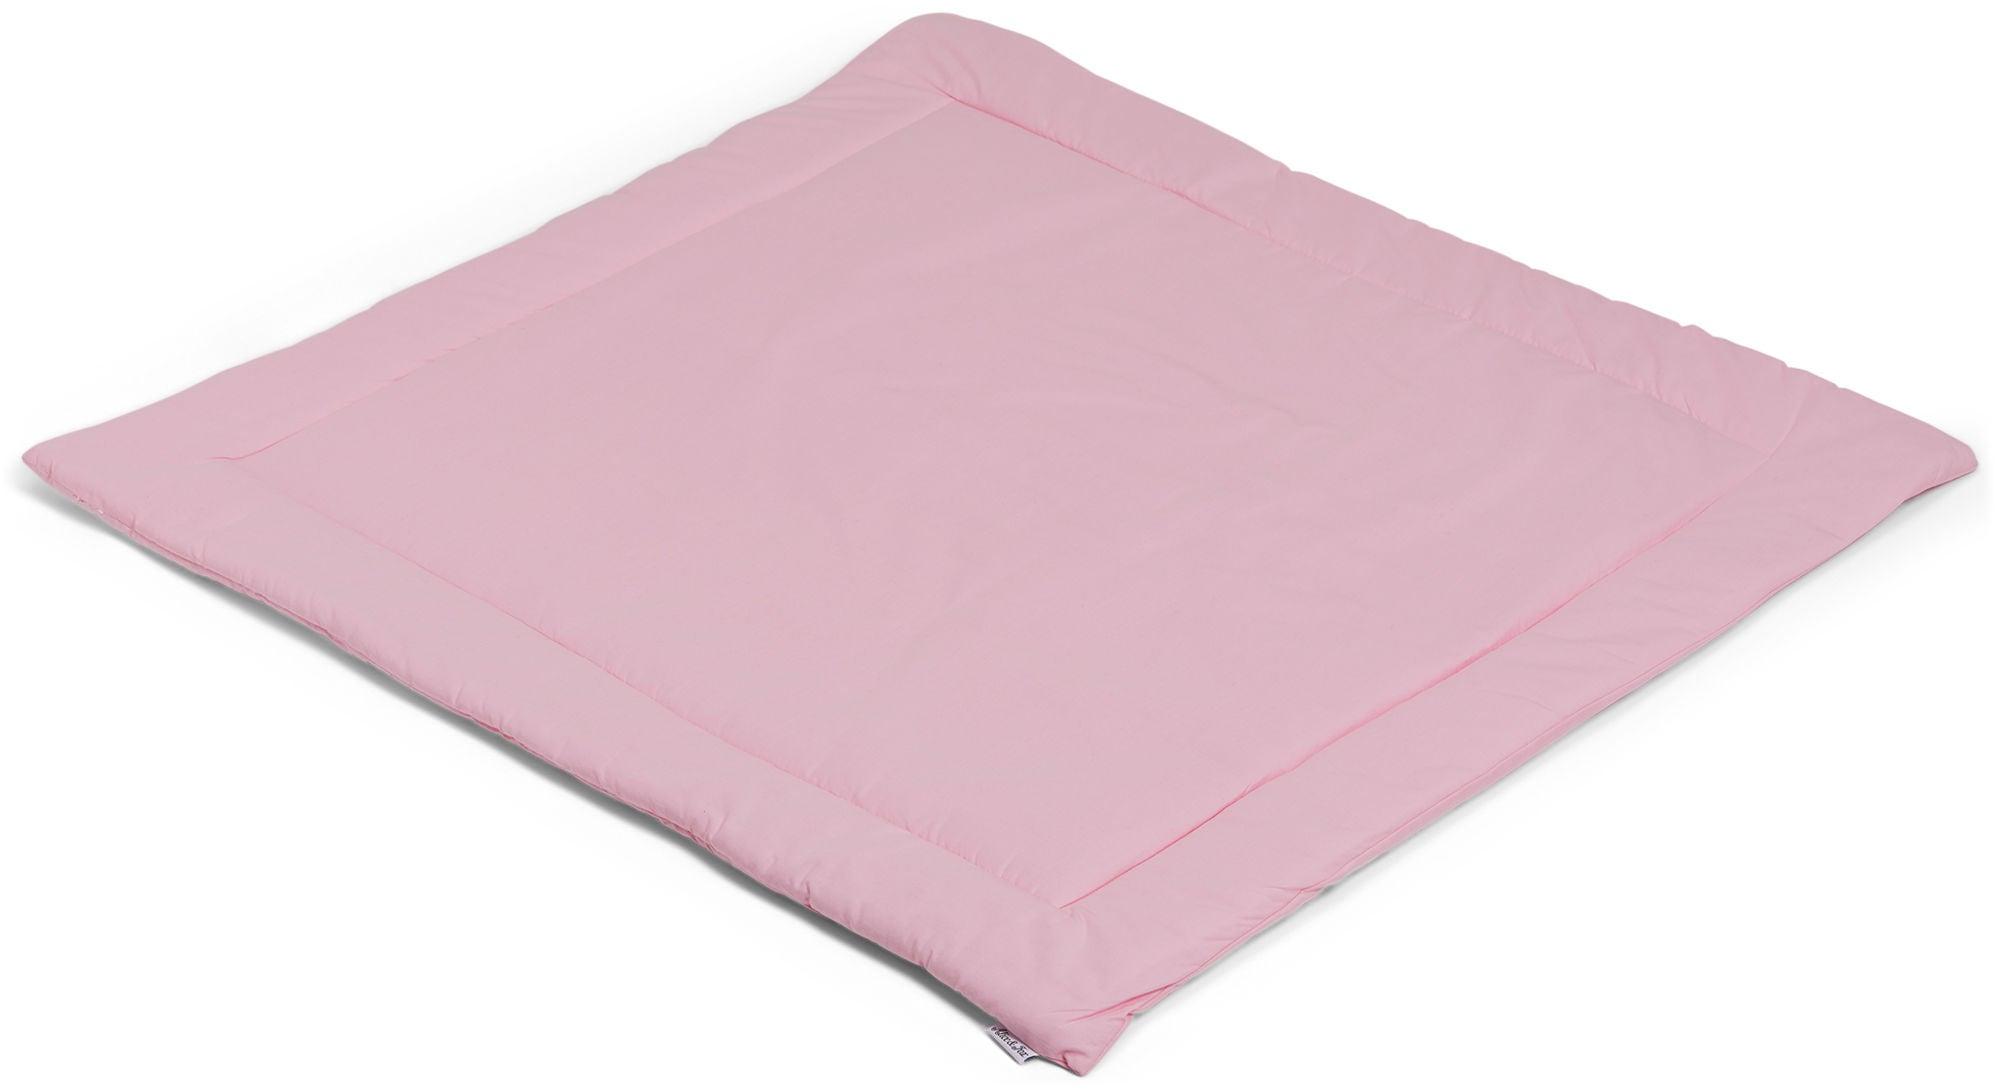 Alice & Fox Leikkialusta, Soft Pink